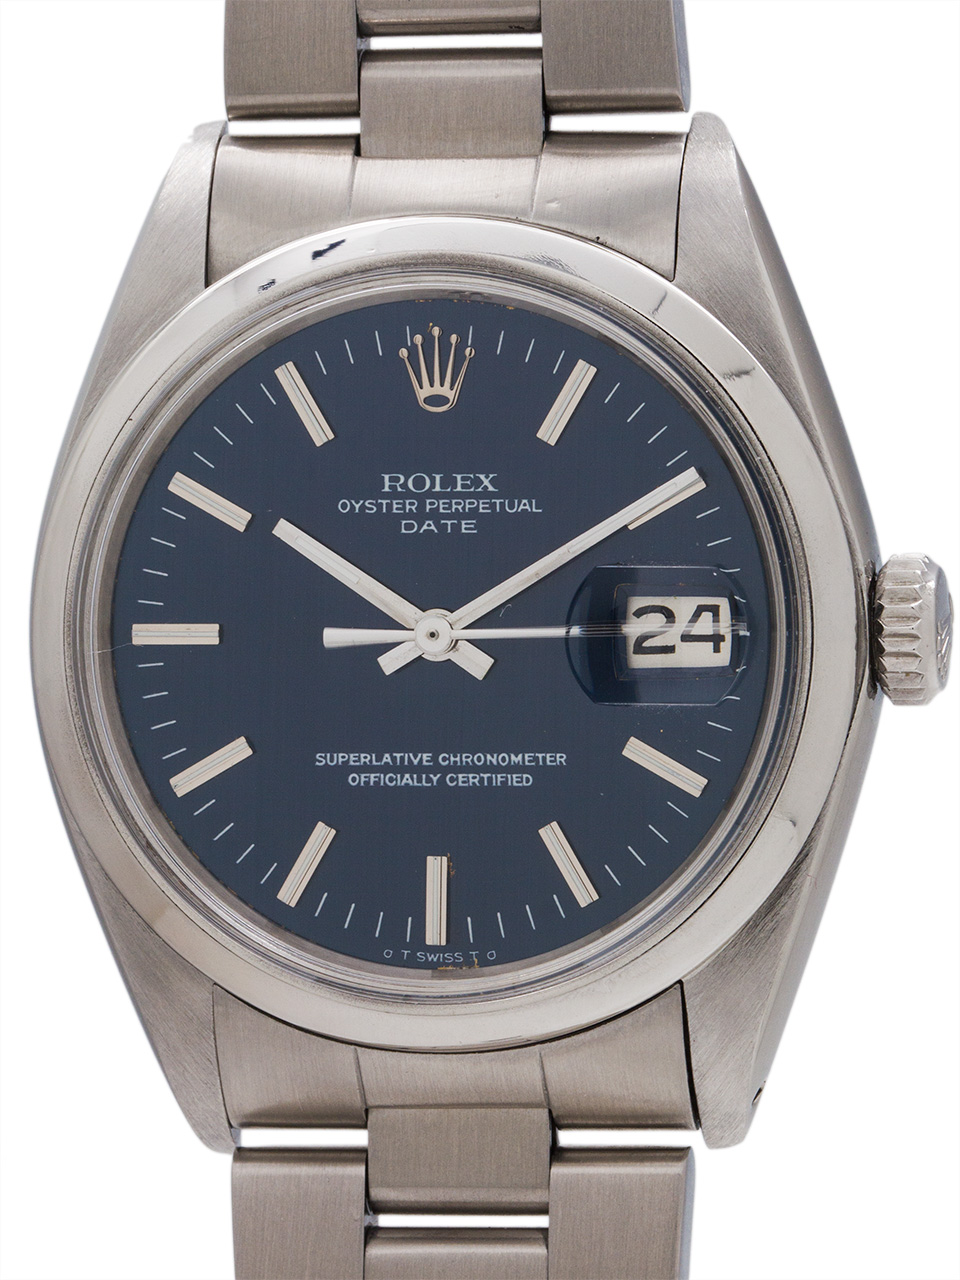 Rolex Oyster Perpetual Date ref 1500 circa 1970's